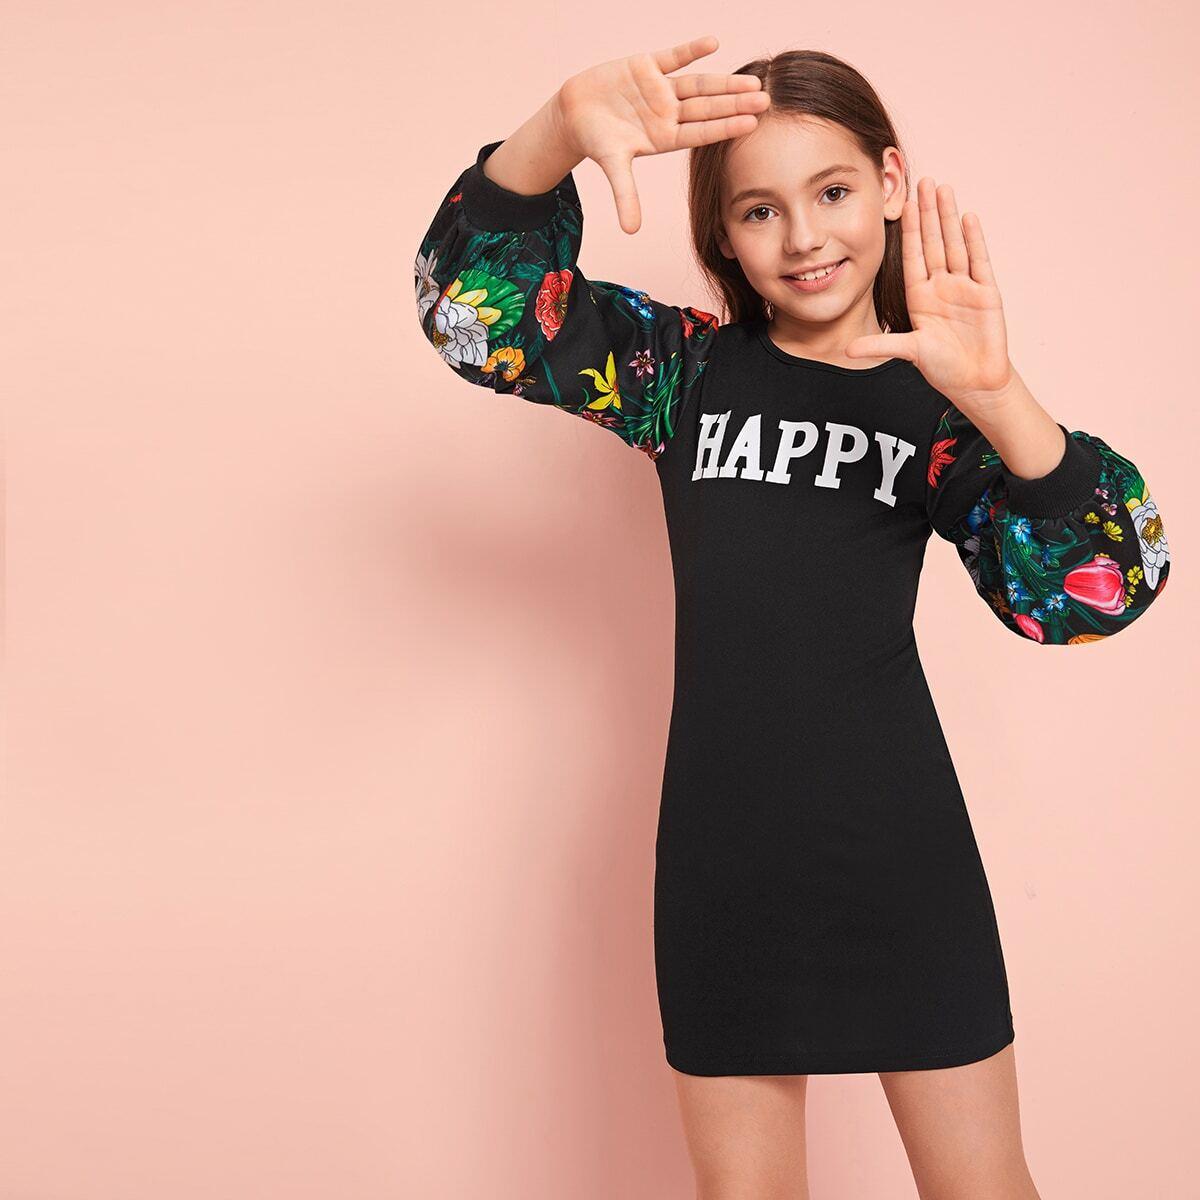 SHEIN / Mädchen Kleid mit Buchstaben Grafik und Blumen Muster